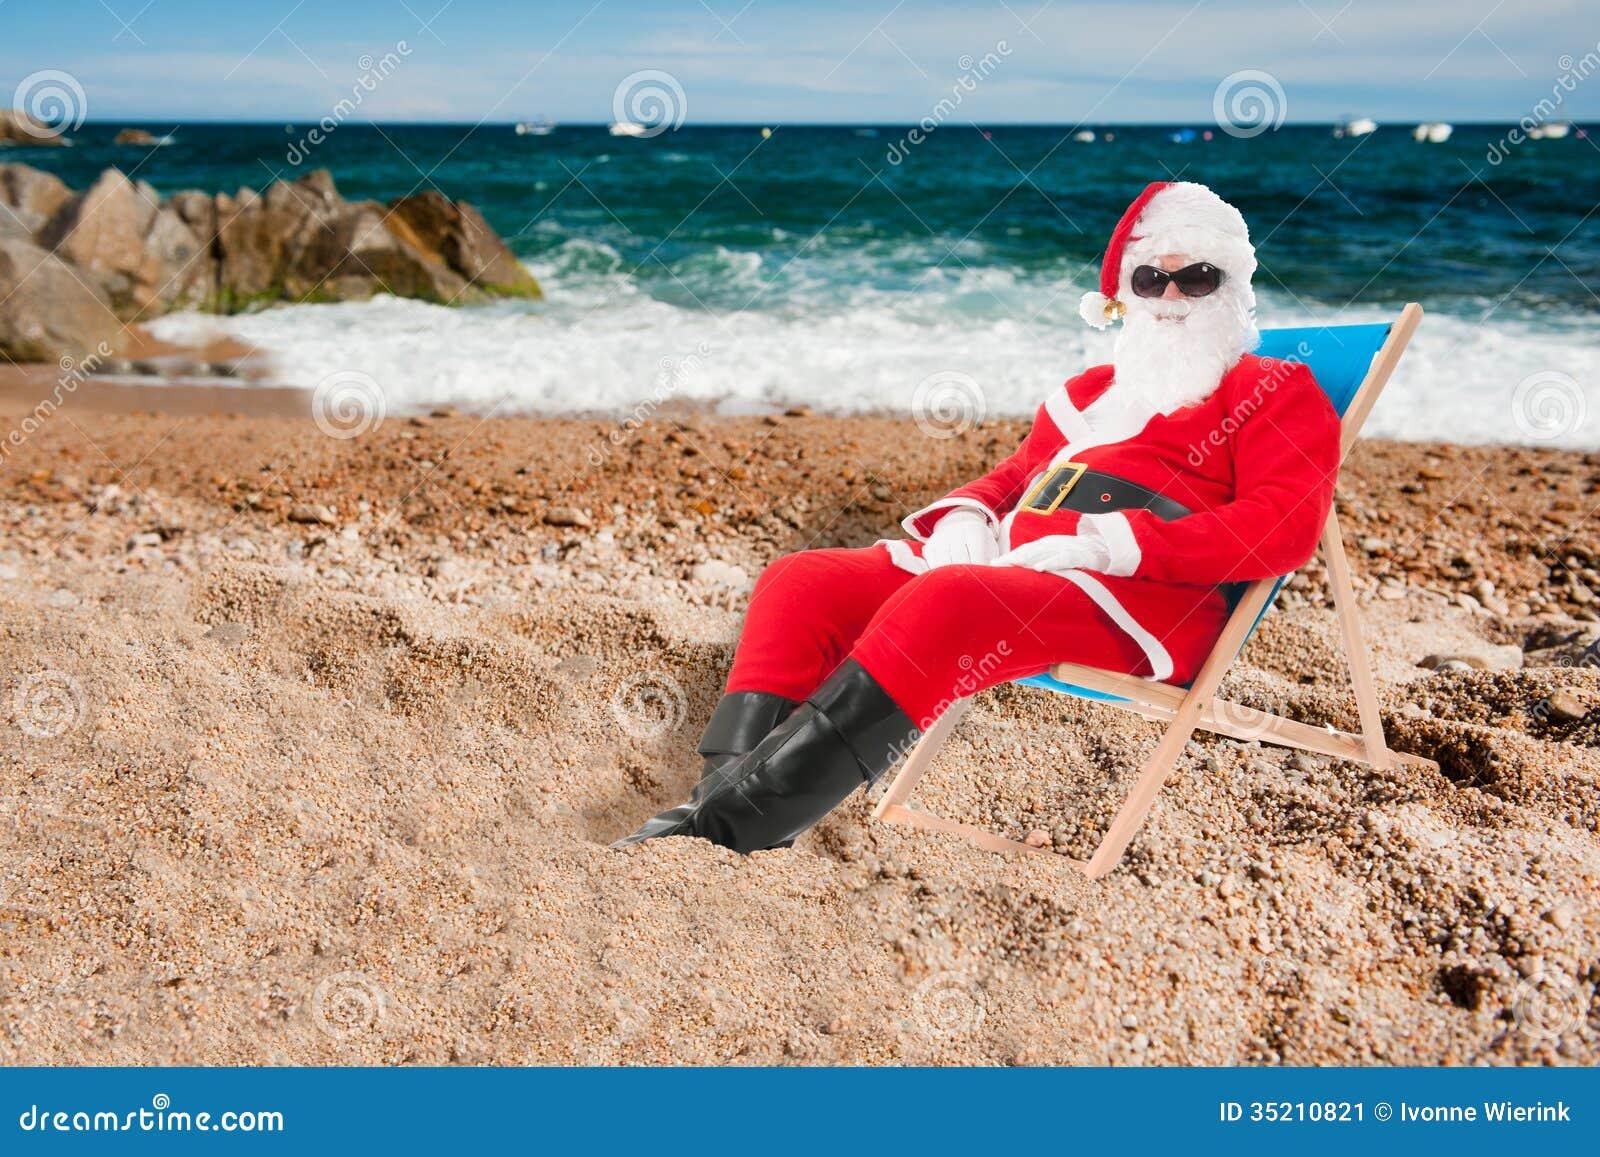 Two Beach Chair Clipart clipart  WorldArtsMe